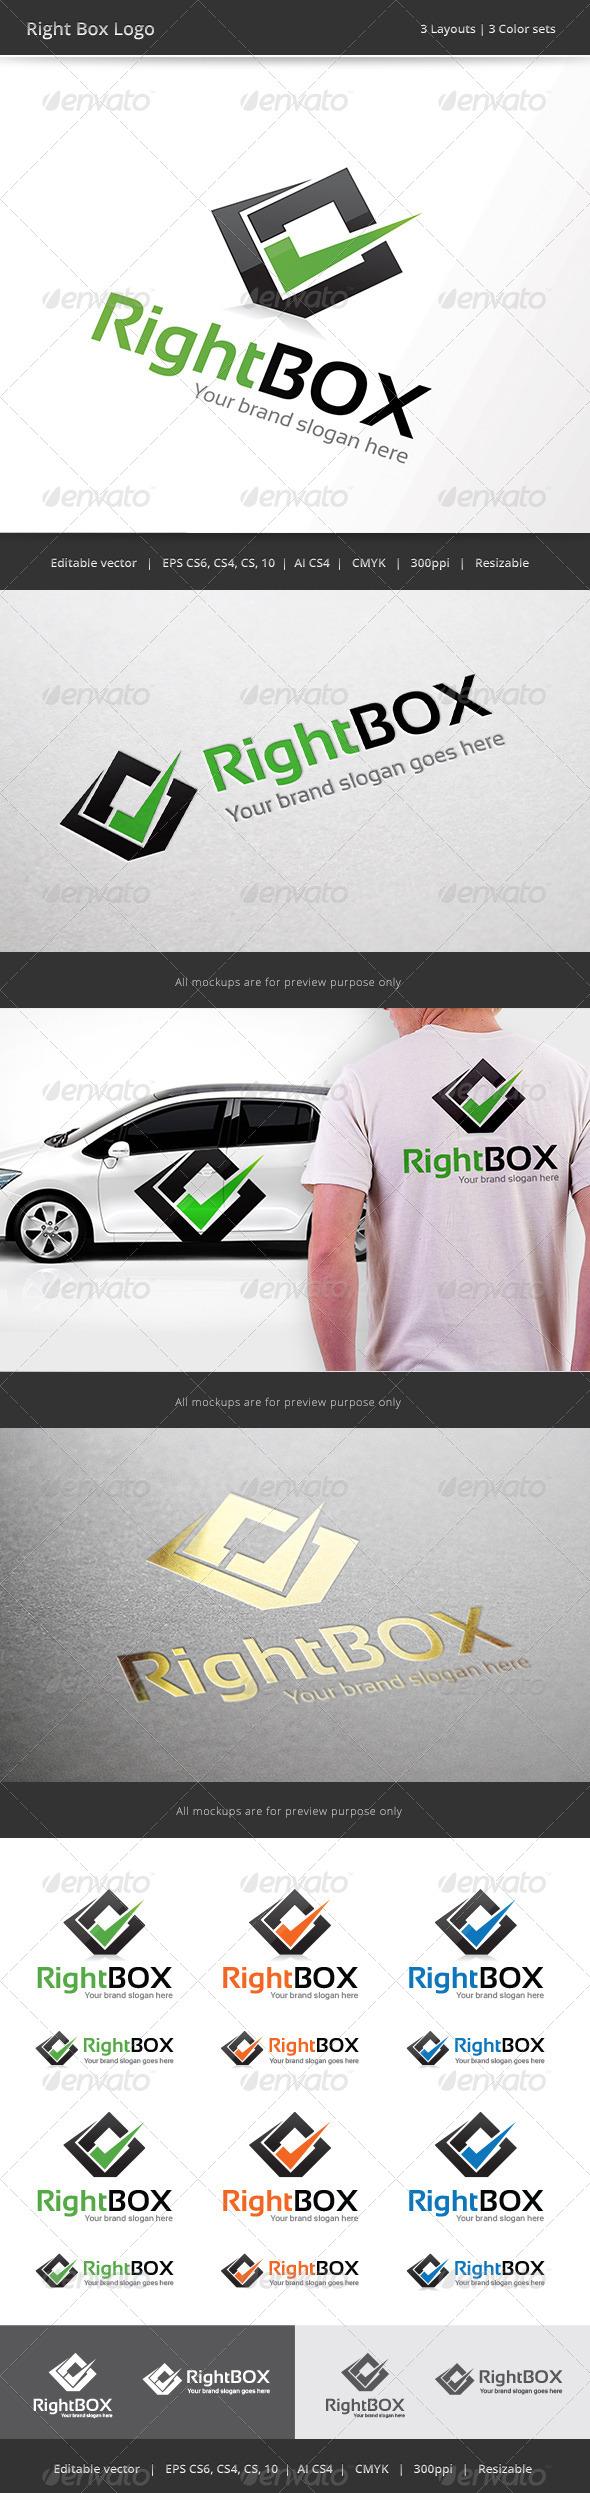 GraphicRiver Right Box Logo 7730235